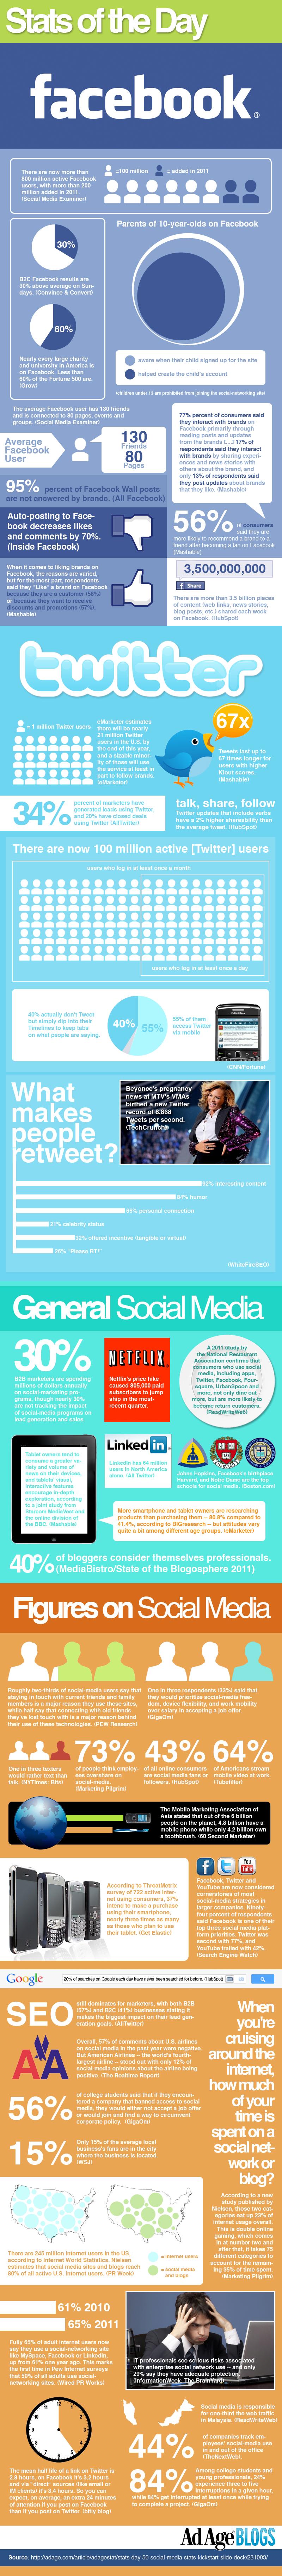 Socialmediastatsoftheday